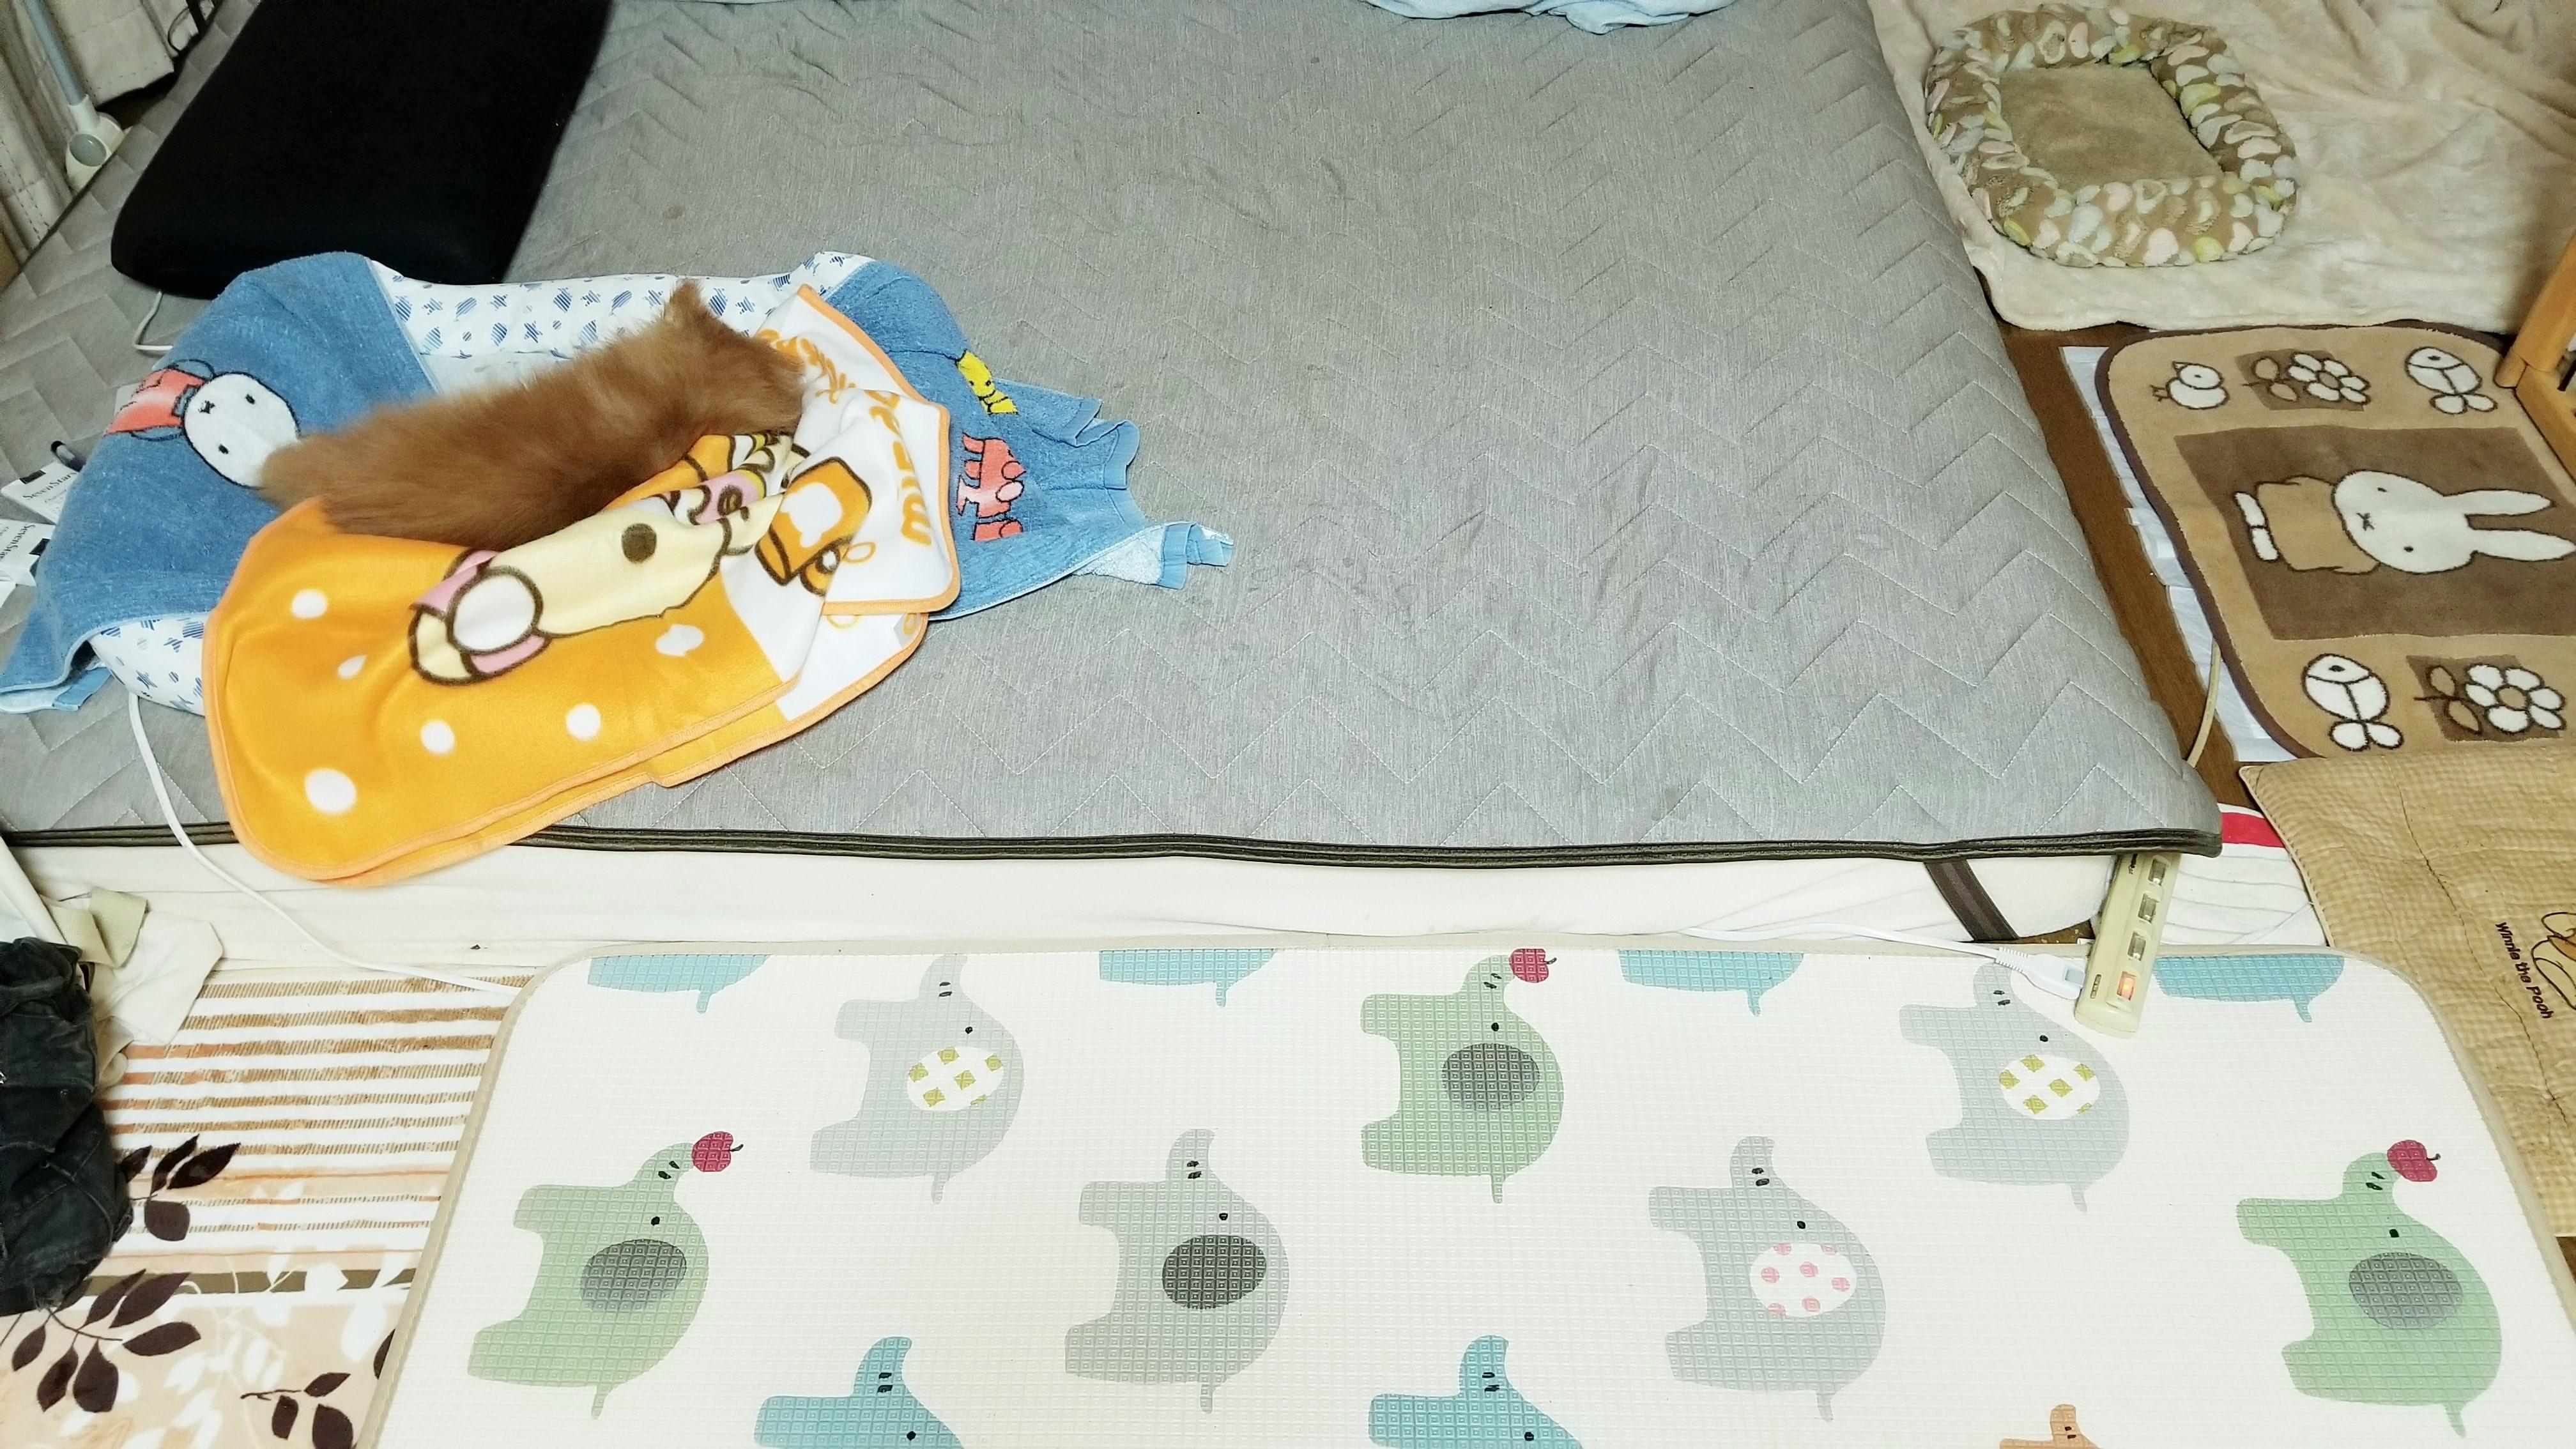 老犬ペットのいる日常生活敷き布団マットレス歩きやすい対処方法